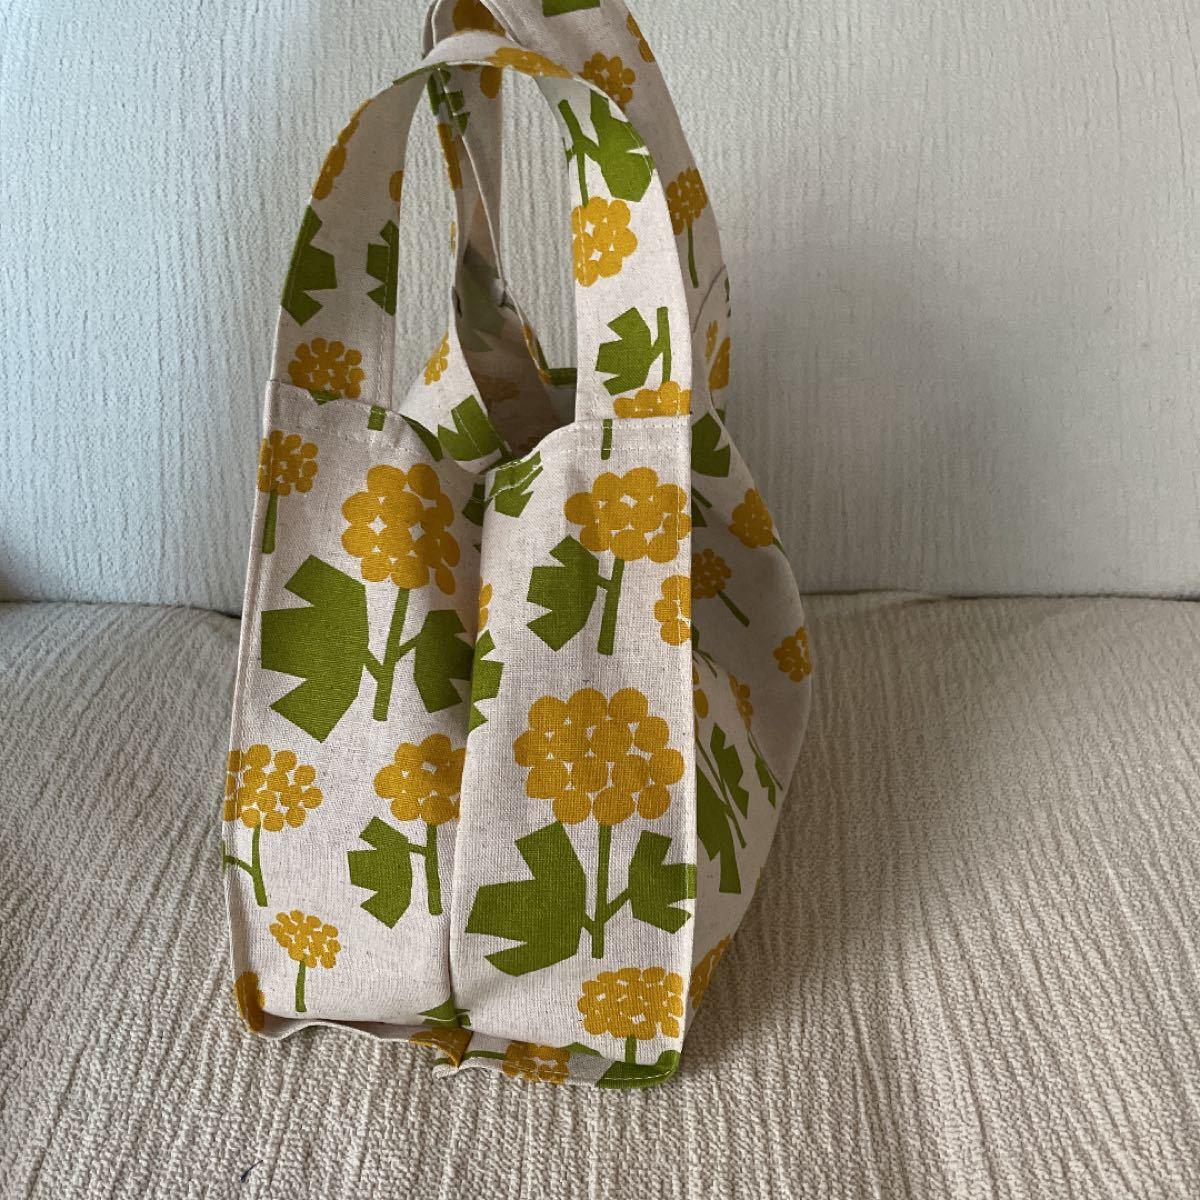 ハンドメイド コンビニバッグ エコバッグ 菜の花